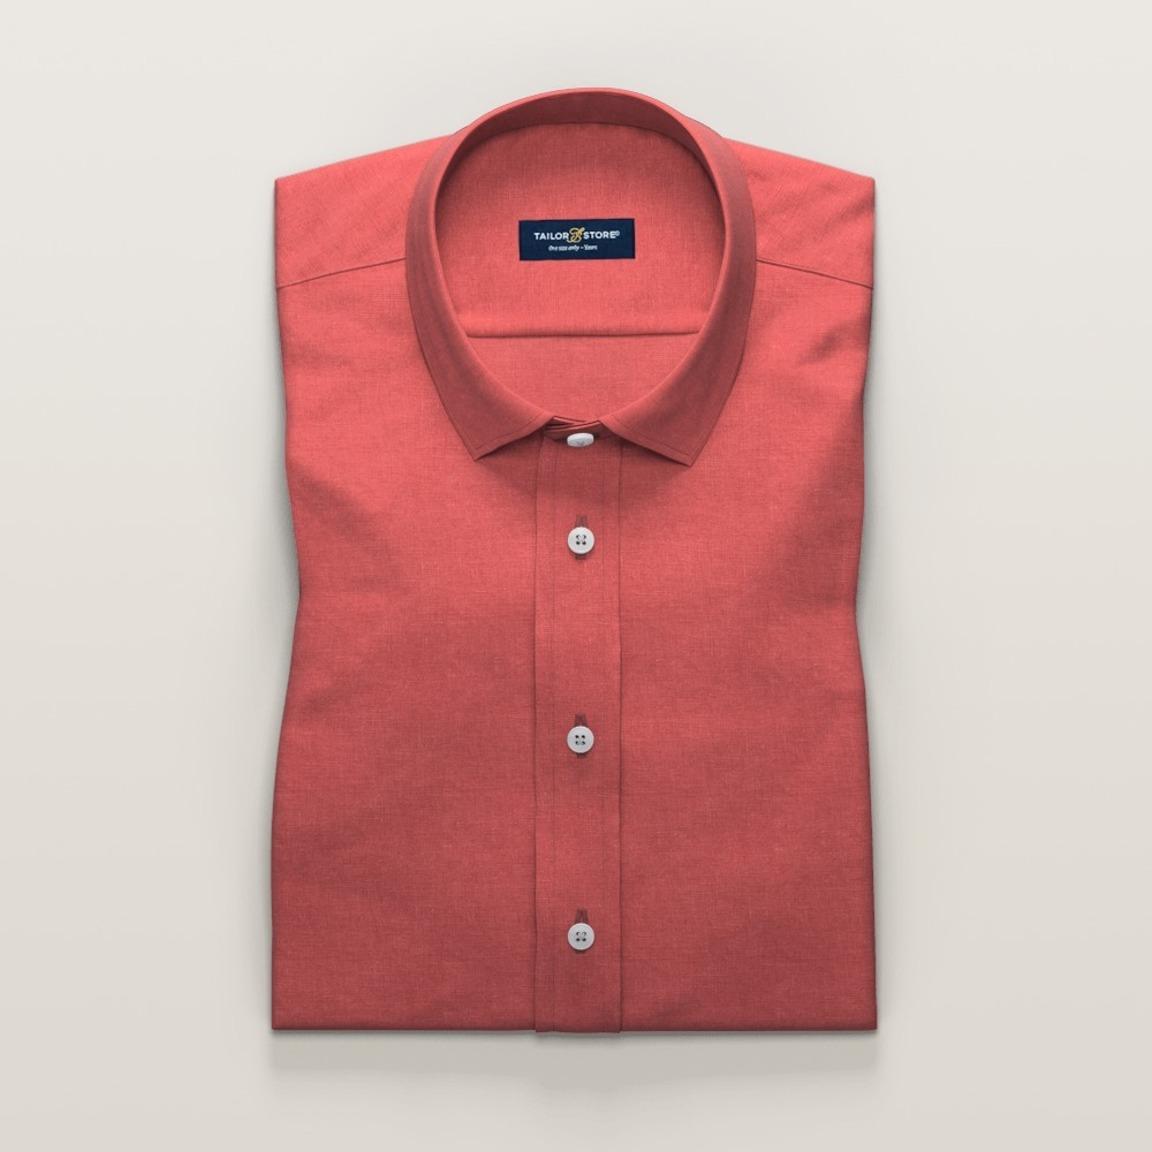 Koraalkleurig linnen overhemd met korte mouwen